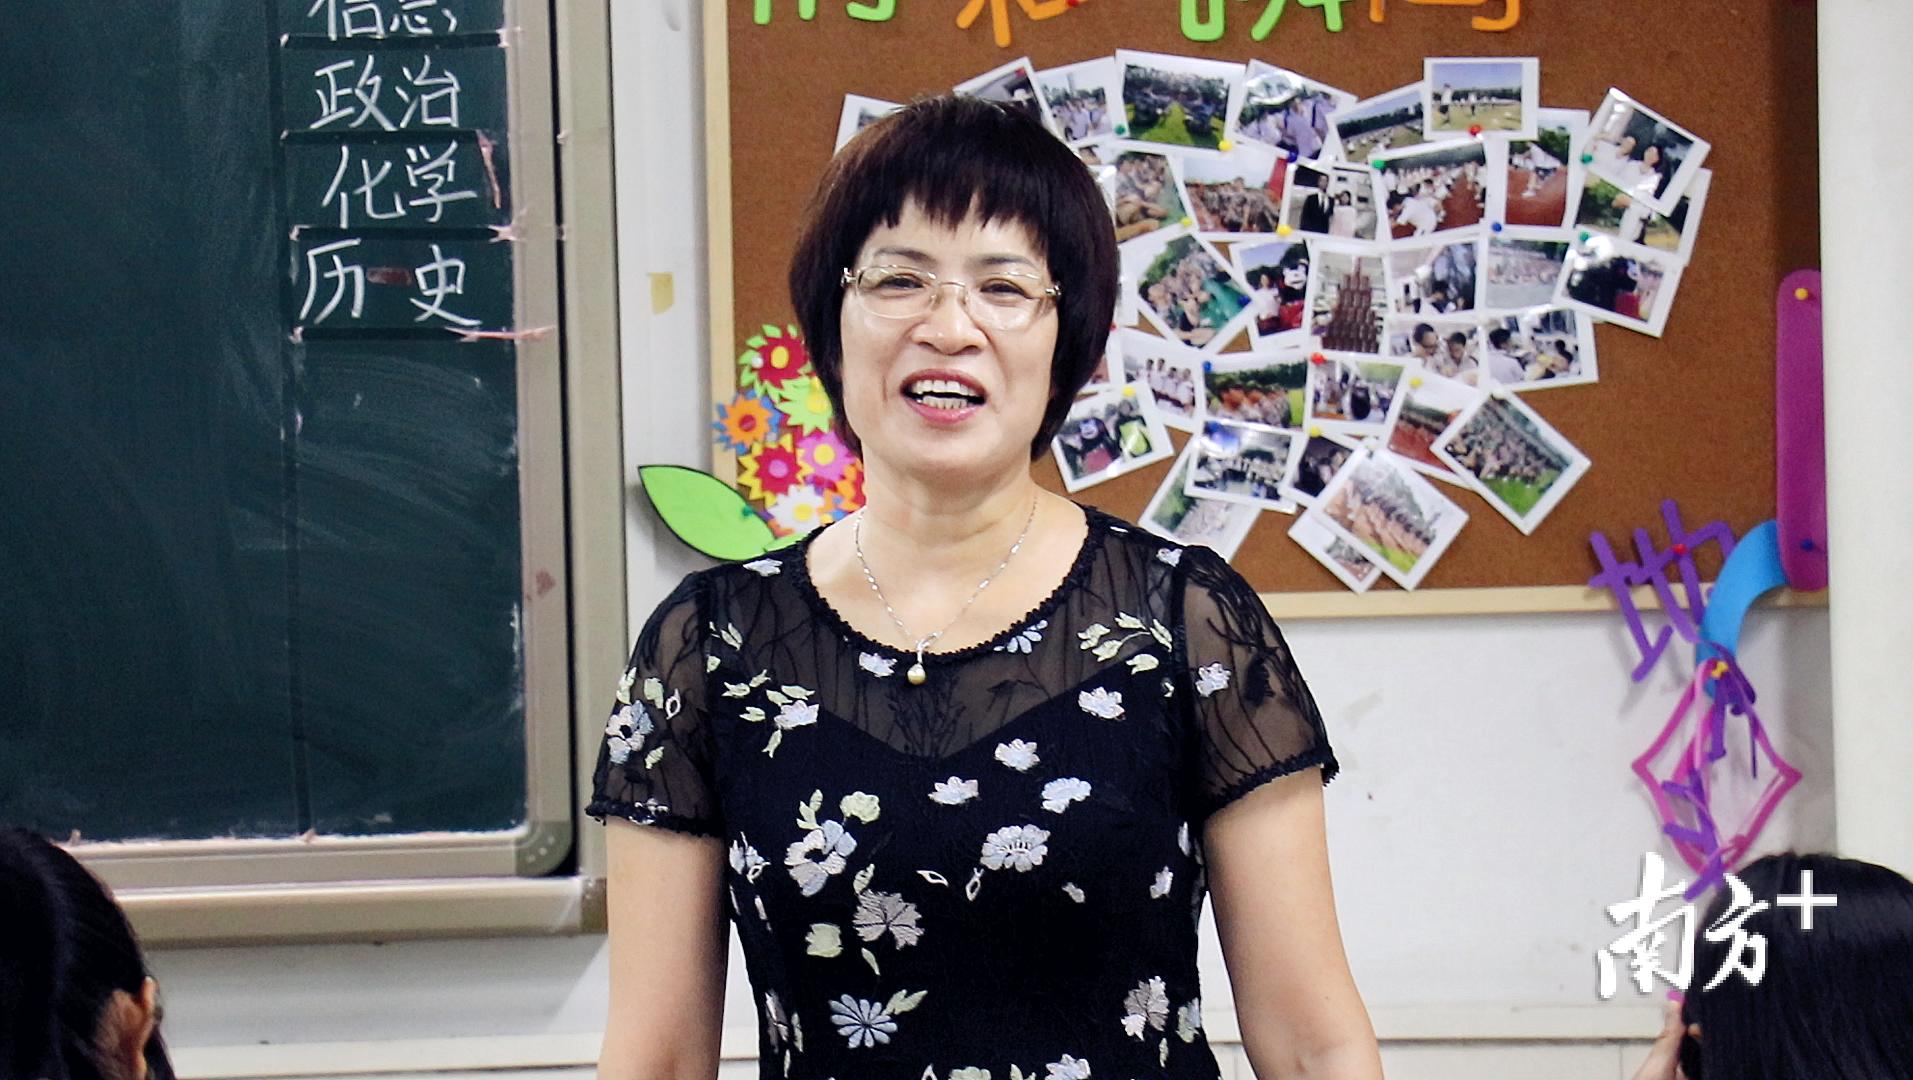 在桂城中学担任校长的7年来,梁瑞娟每周都安排了至少1次值班。田人心 摄